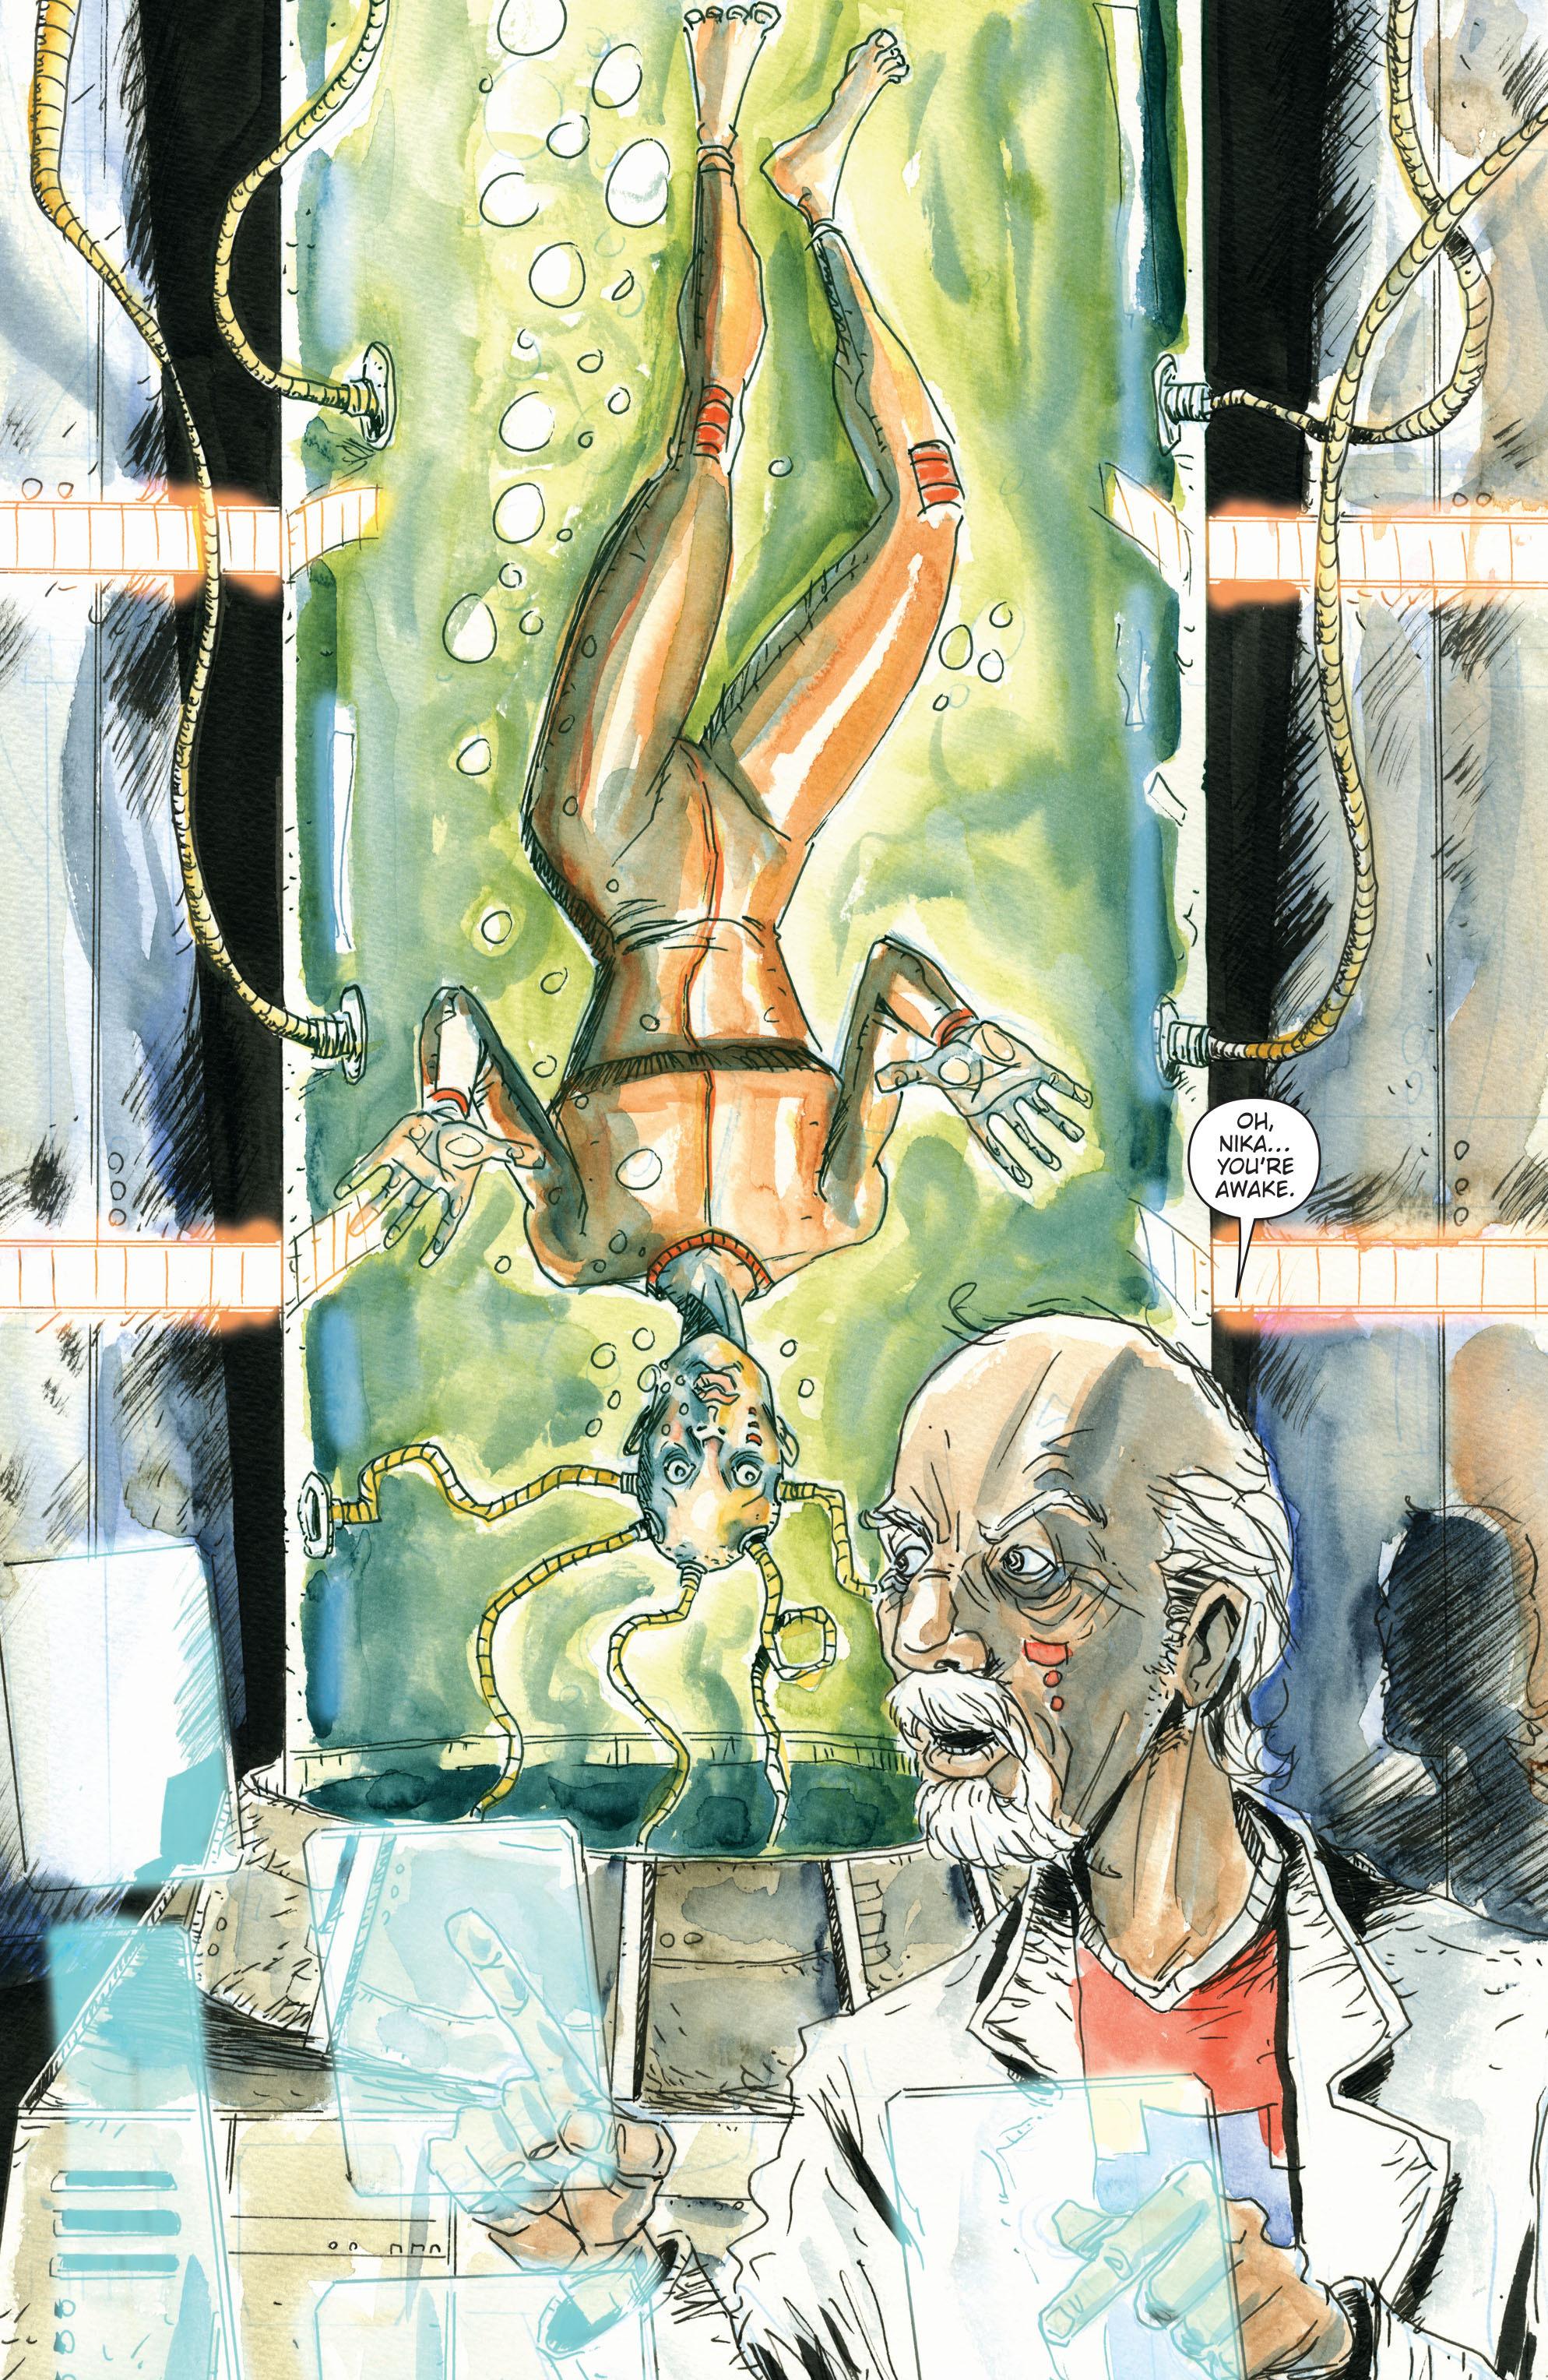 Read online Trillium comic -  Issue # TPB - 59